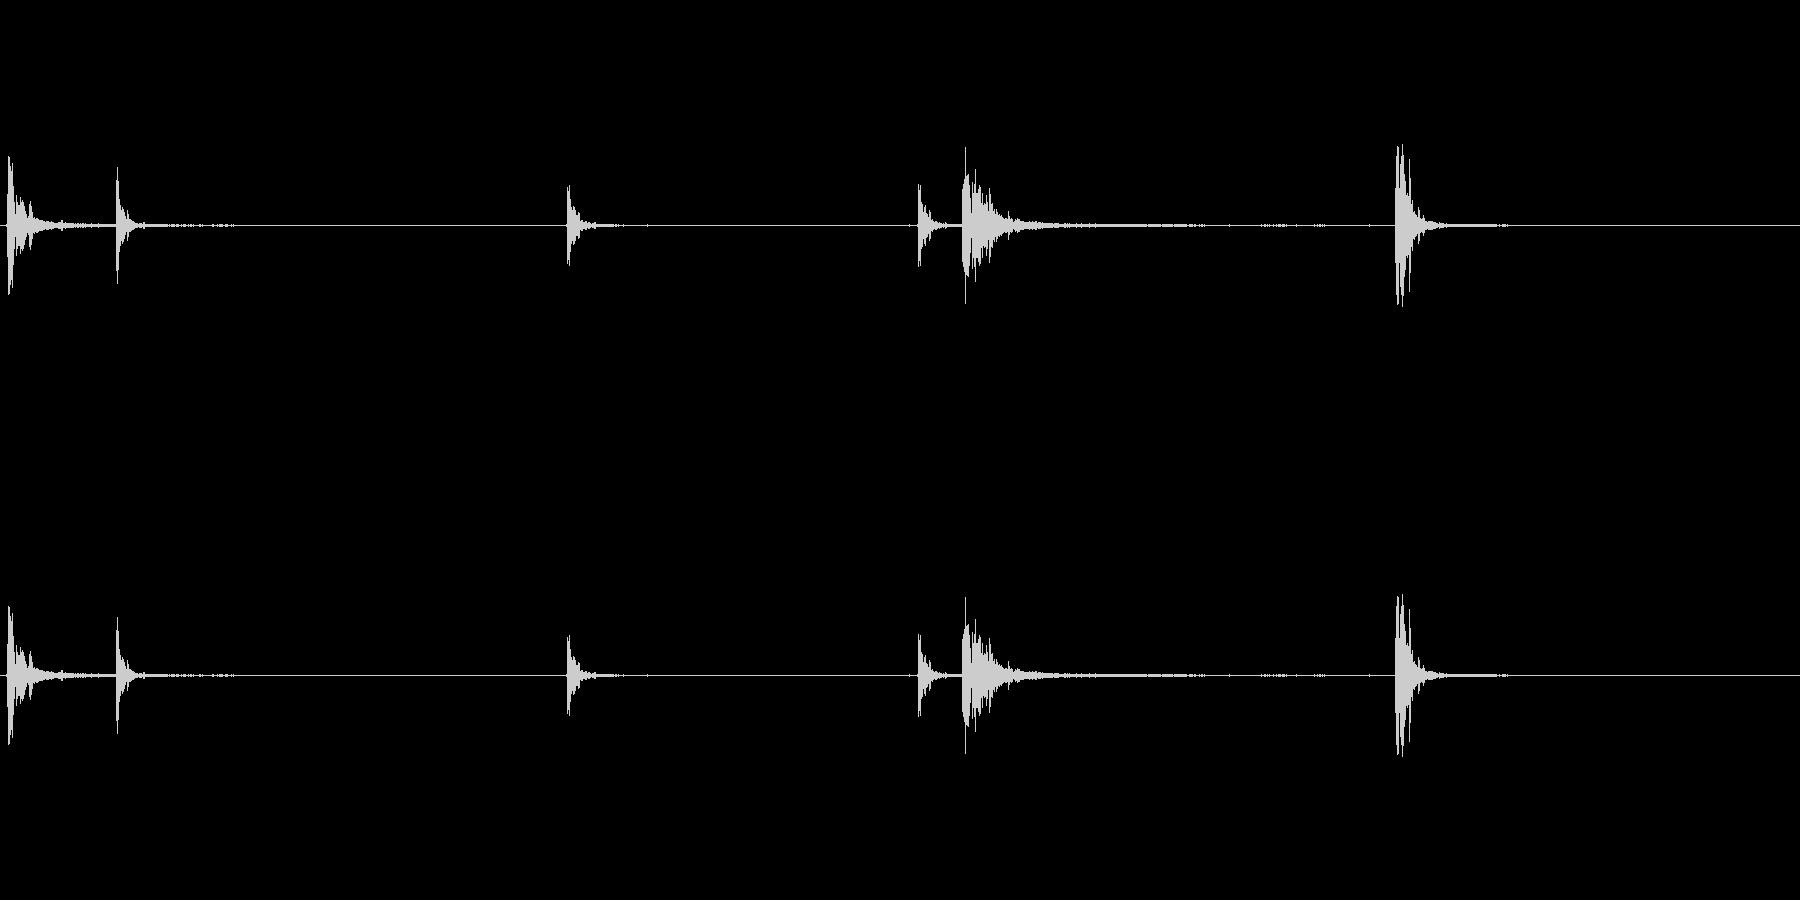 爆発18の未再生の波形